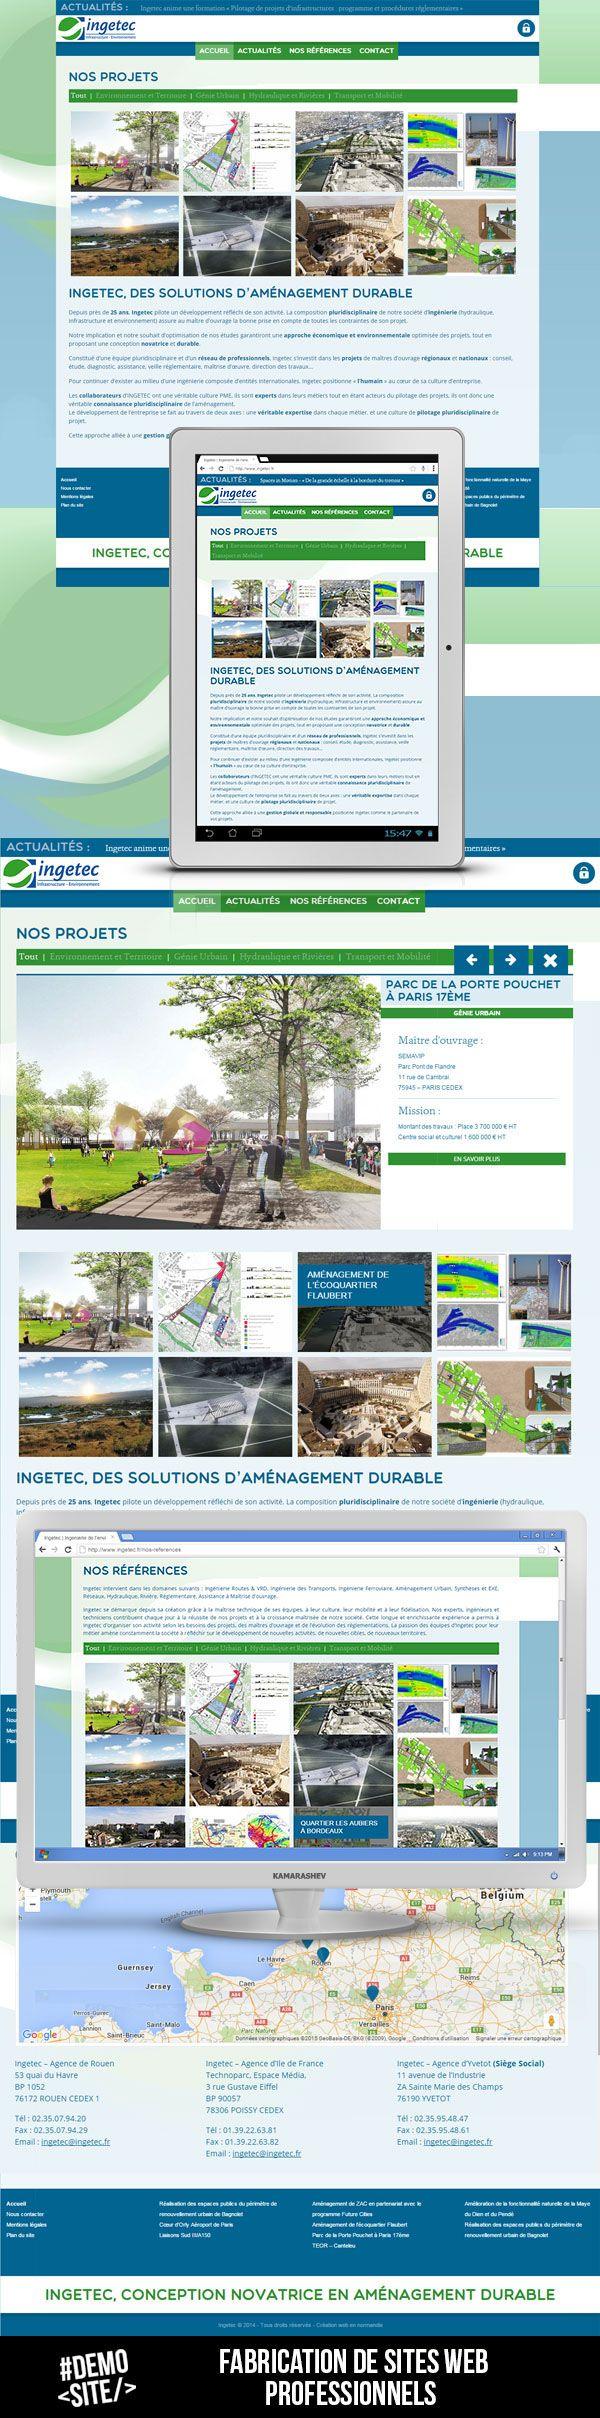 #webdesign #responsive du site web Ingetec.fr, société d'ingénierie de l'environnement.